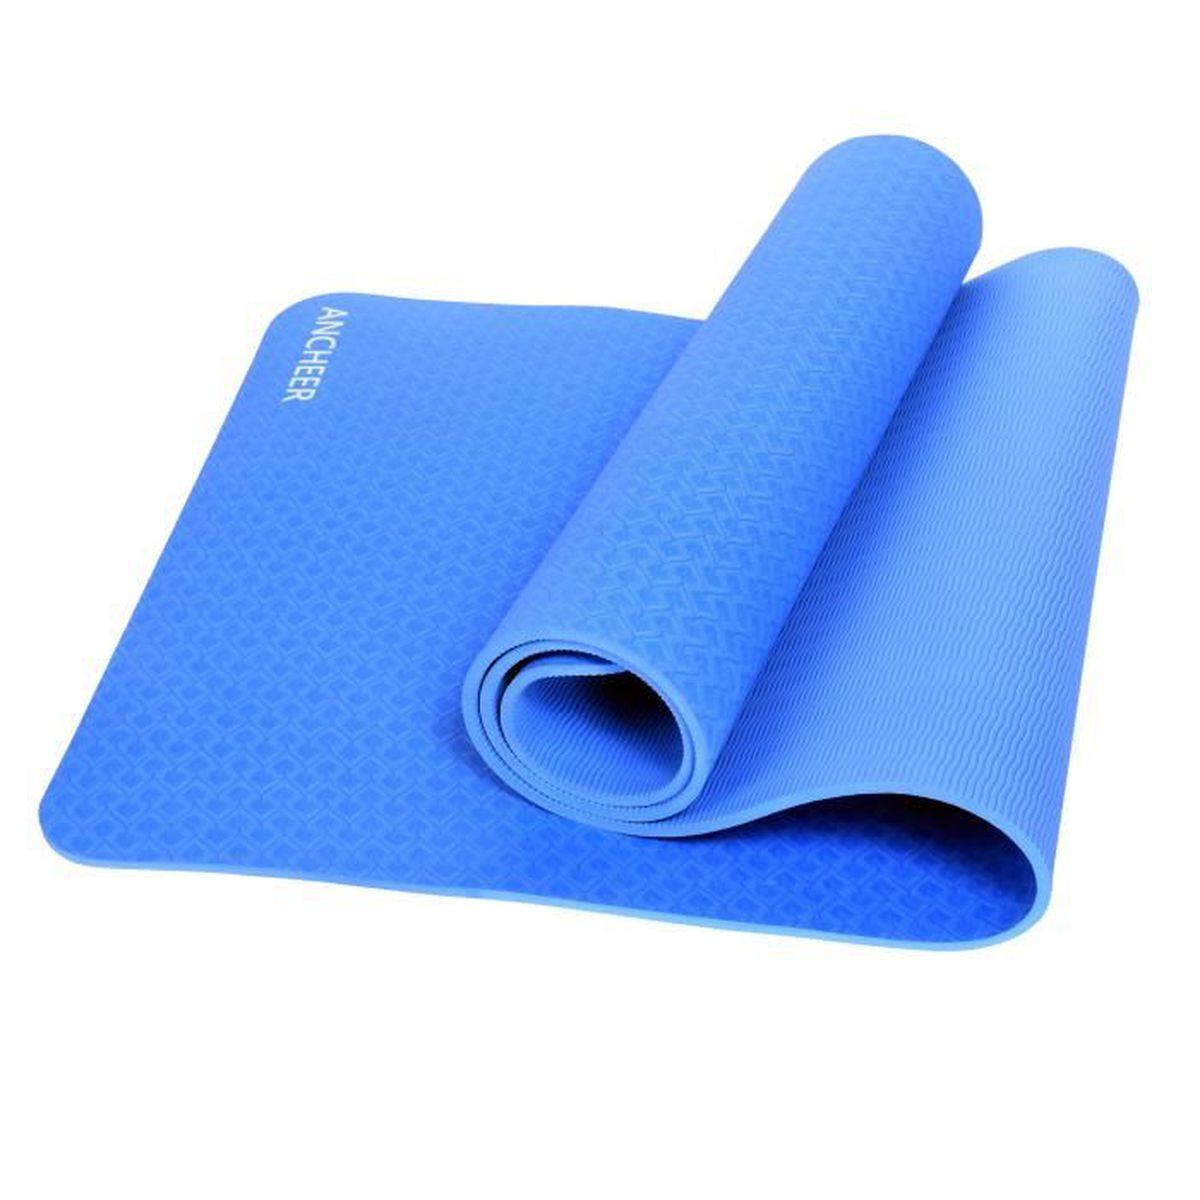 Tapis gymnastique Tapis Sol Tapis Yoga Sport Tapis Tapis d/'entraînement de coffre